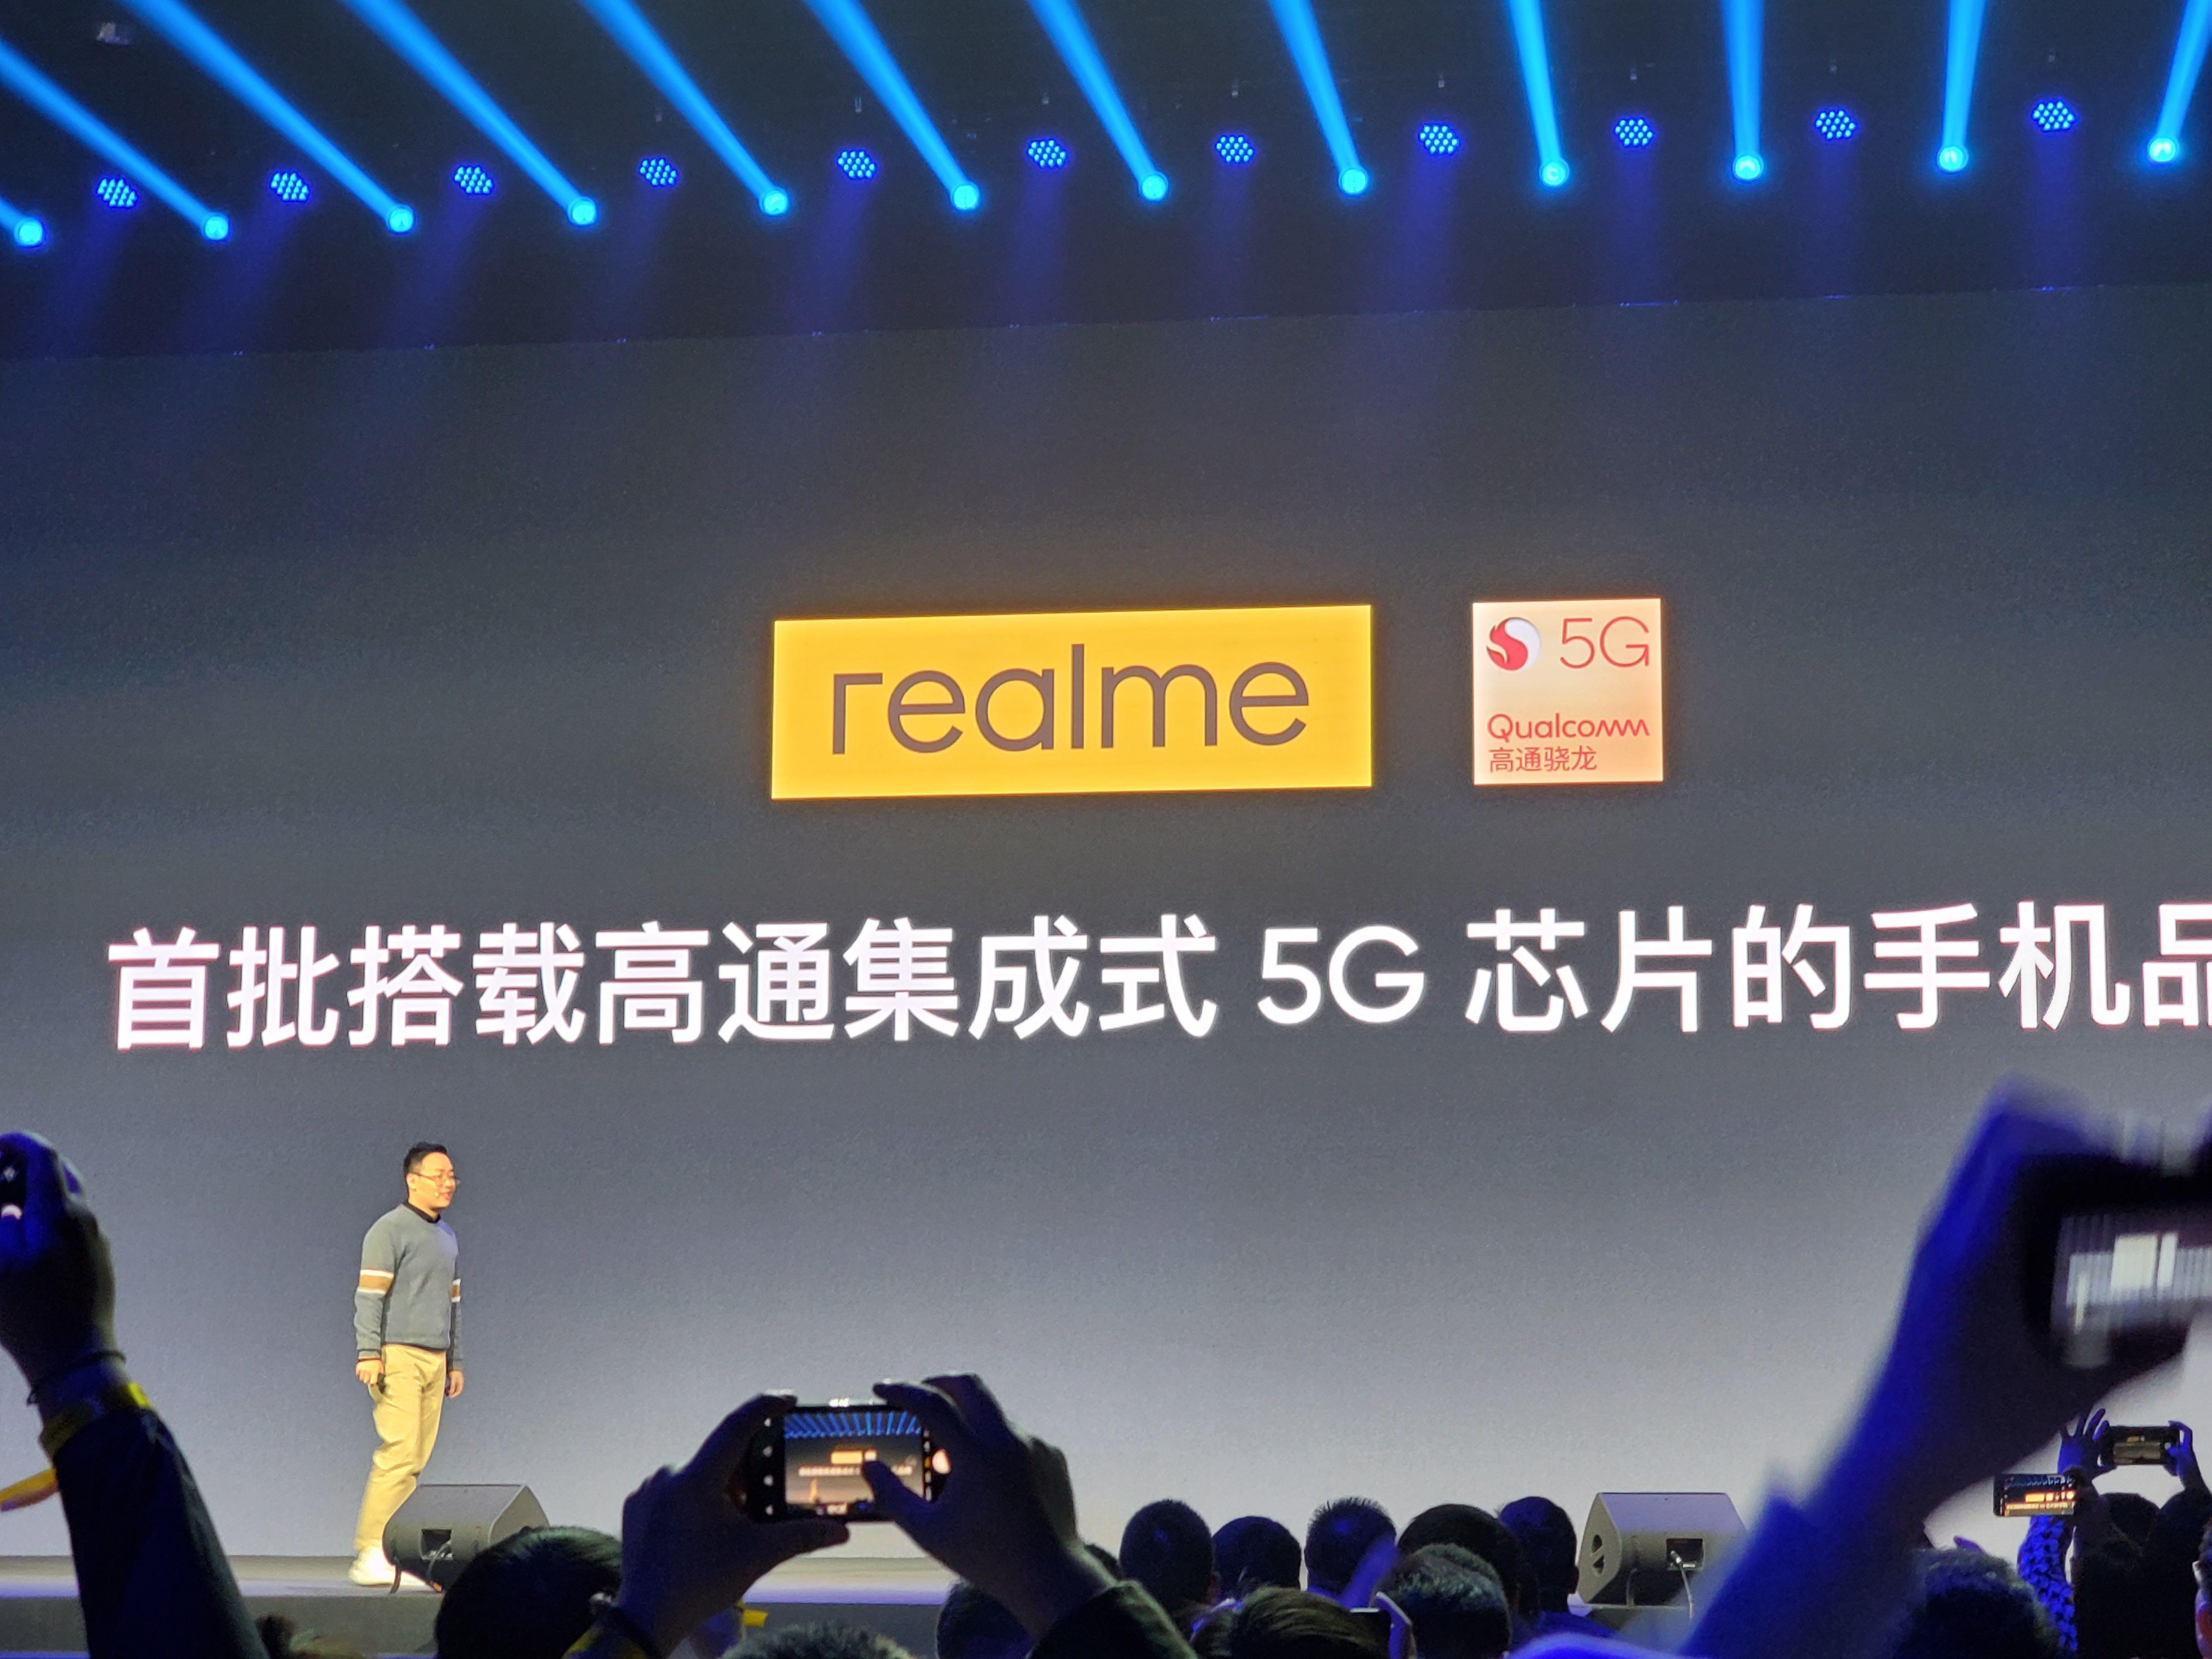 Redmiとrealmeが5Gモデムを統合したQualcomm SM7250を採用、5G対応ミドルレンジ市場が激化